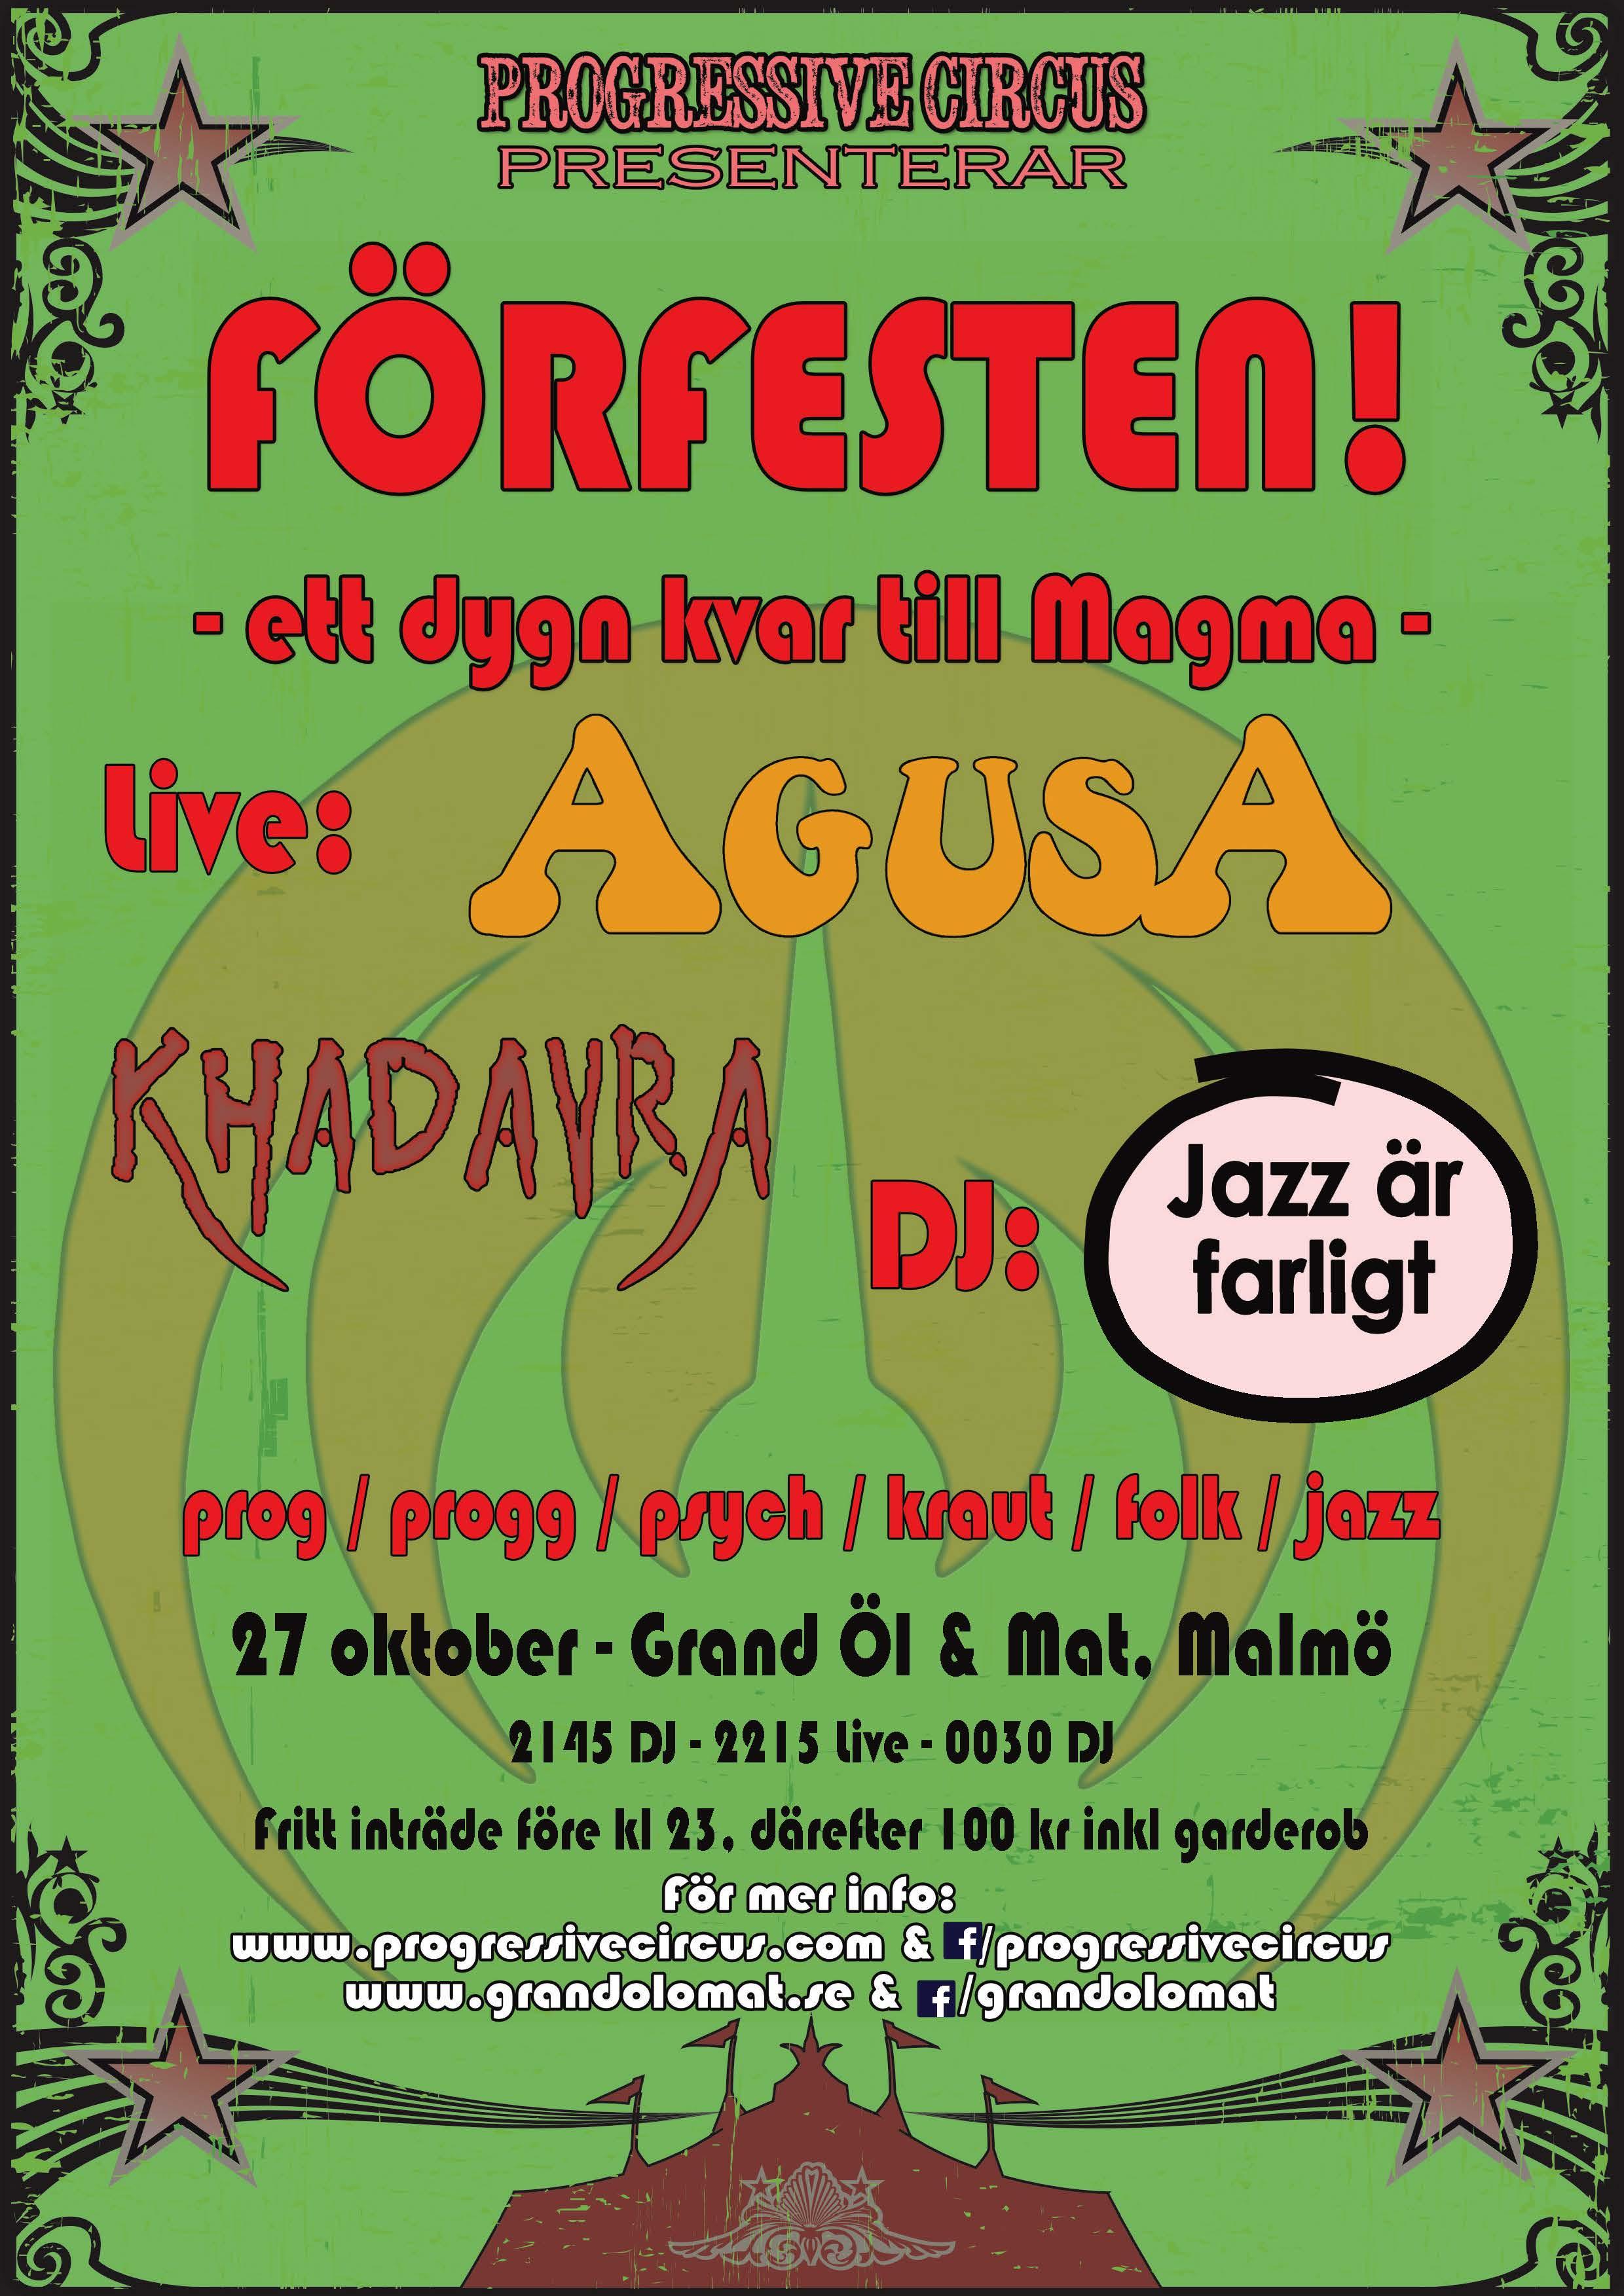 Magma_forfesten_inkl_info2.jpg